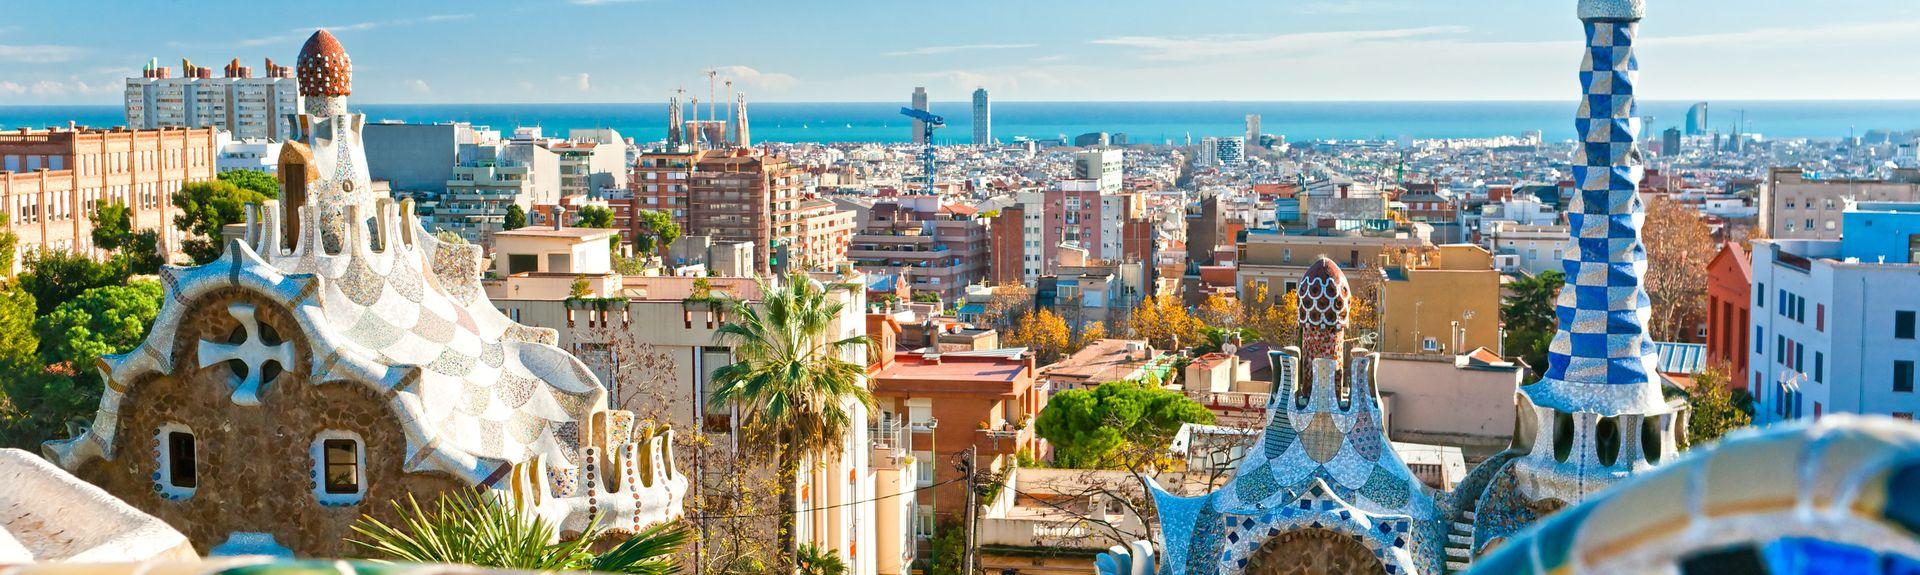 Barcelona, Barcelonès, Catalunha, Espanha